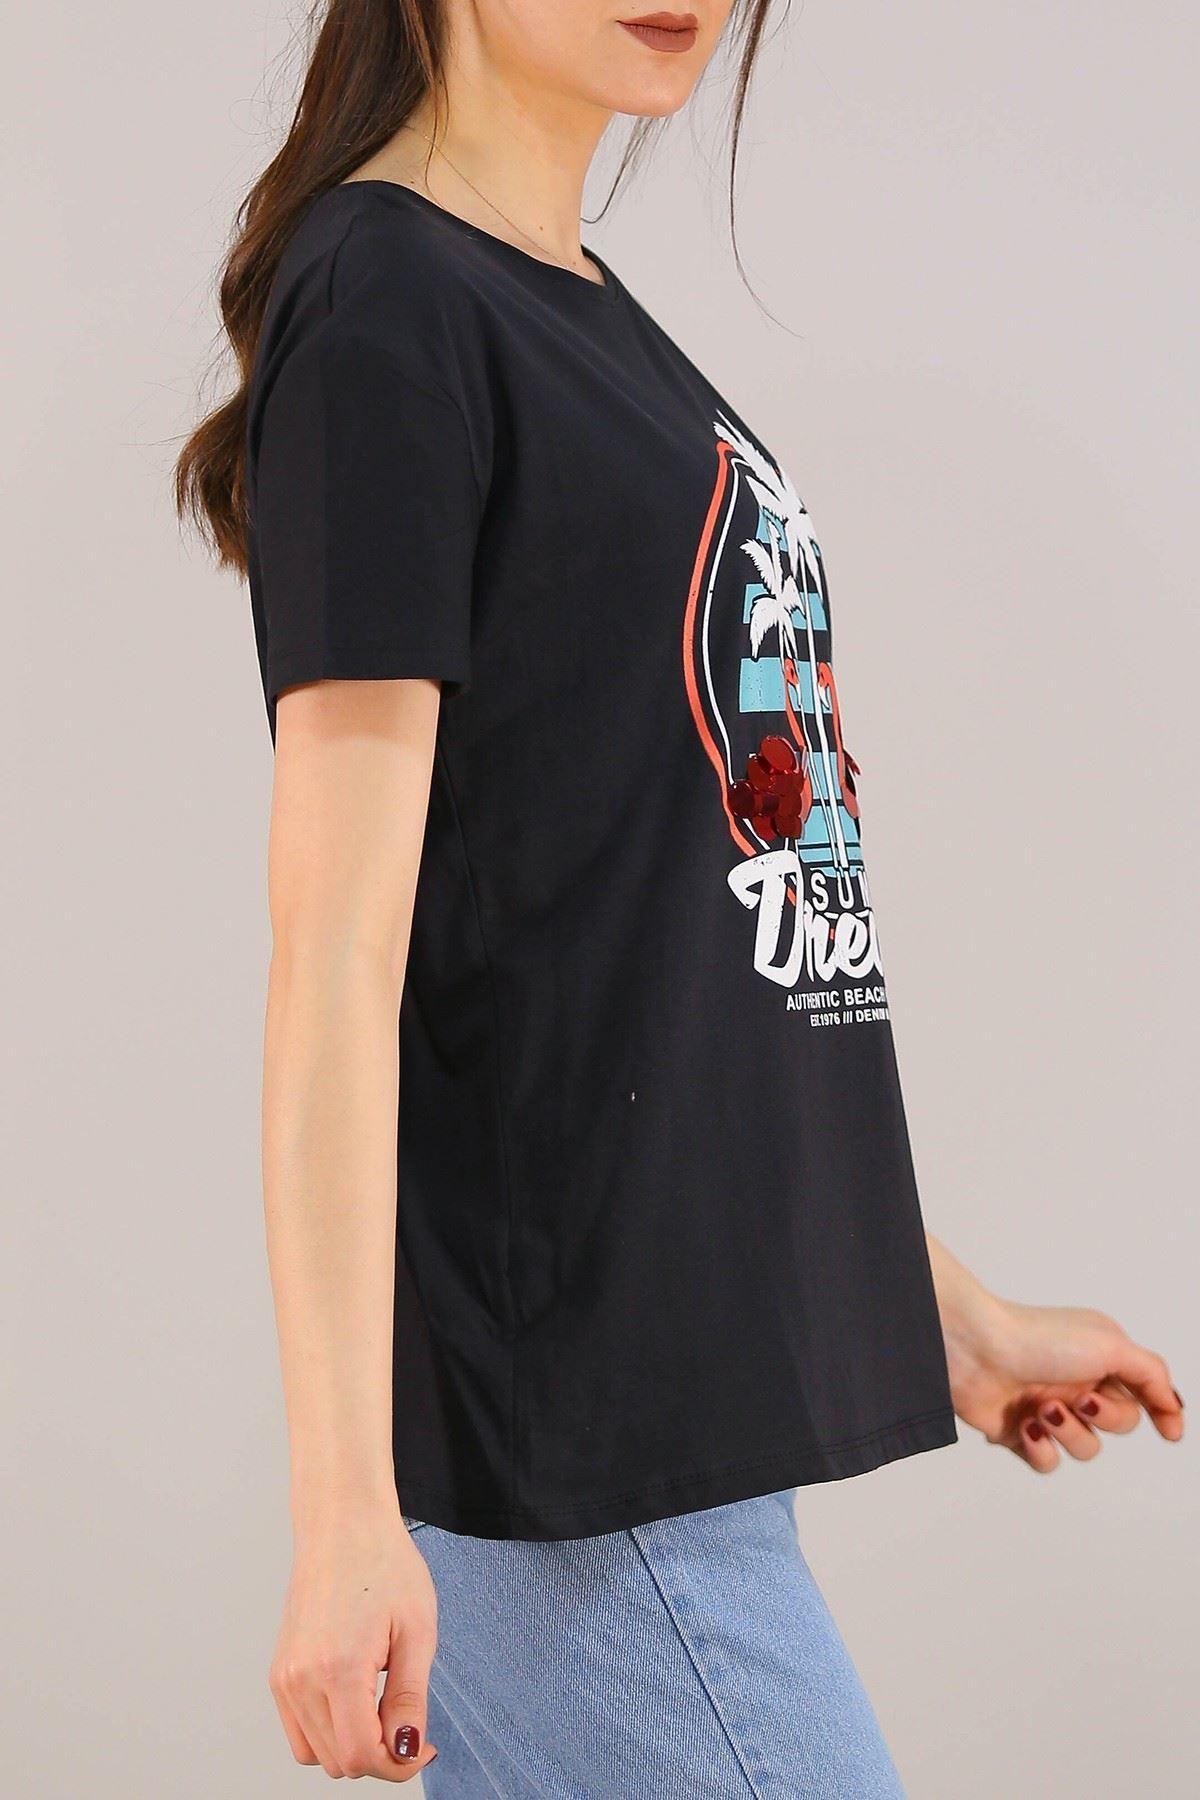 Baskılı Pullu Tişört Siyah - 5012.336.